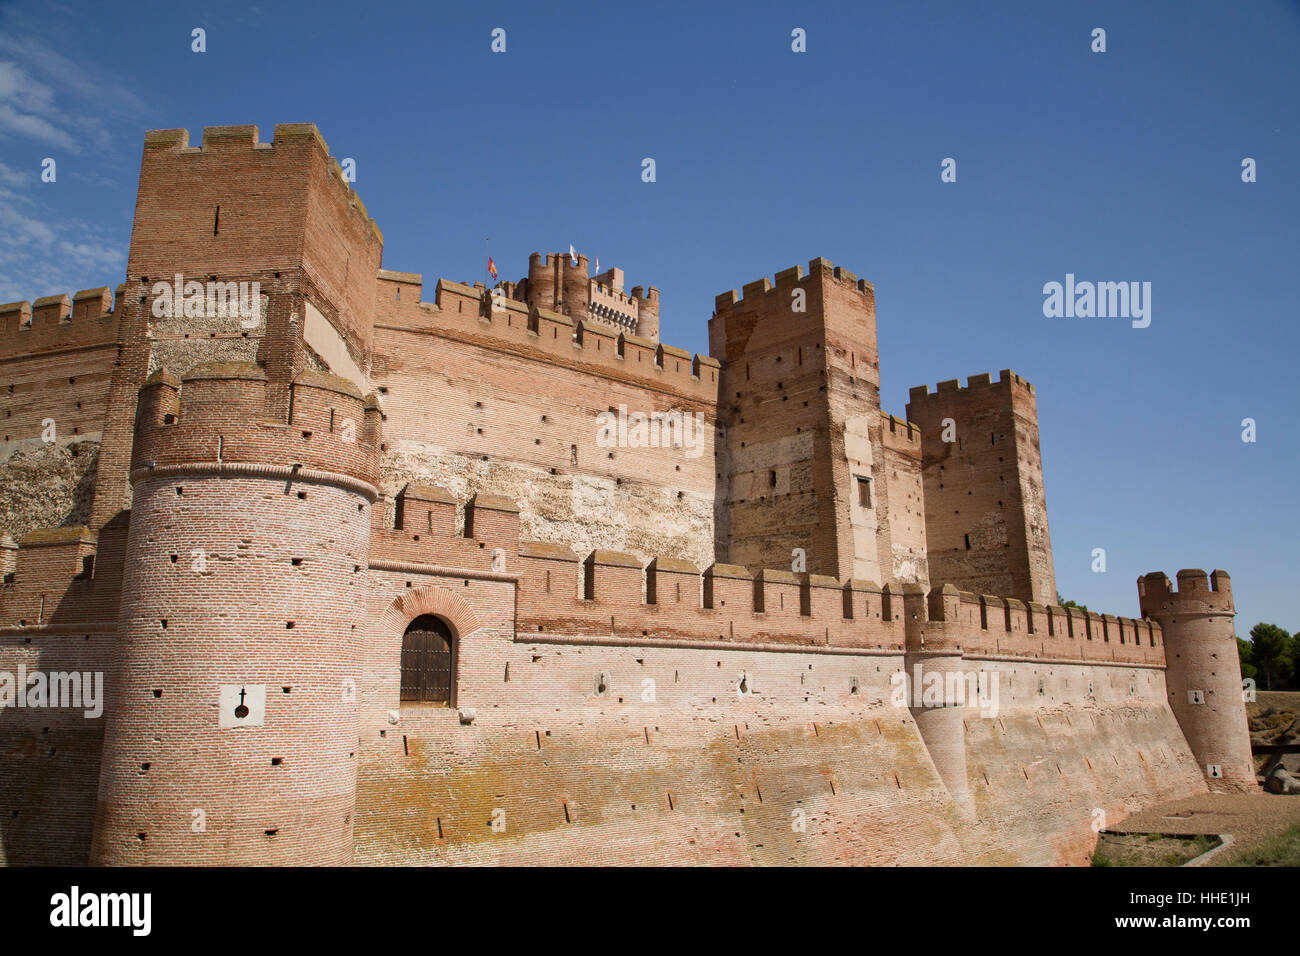 Castle of la mota built 12th century medina del campo valladolid stock photo royalty free - Sofas medina del campo ...